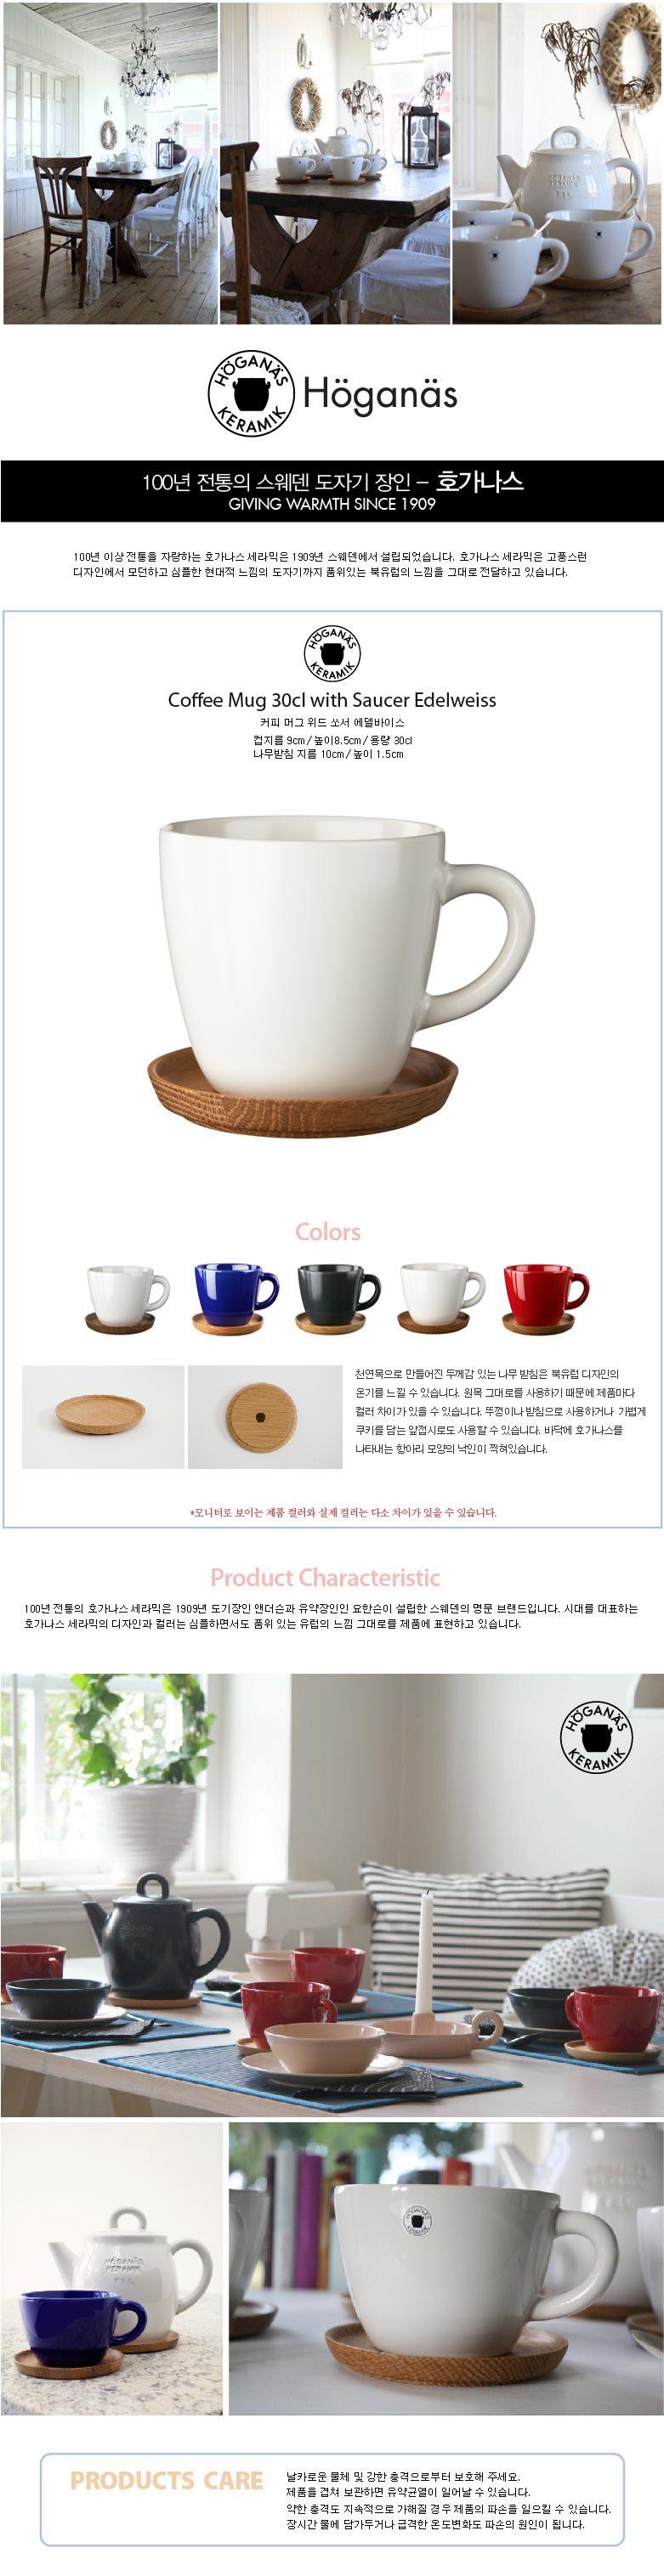 텐바이텐 10X10 : 호가나스 커피 머그 위드 쏘서 에델바이스 300ml